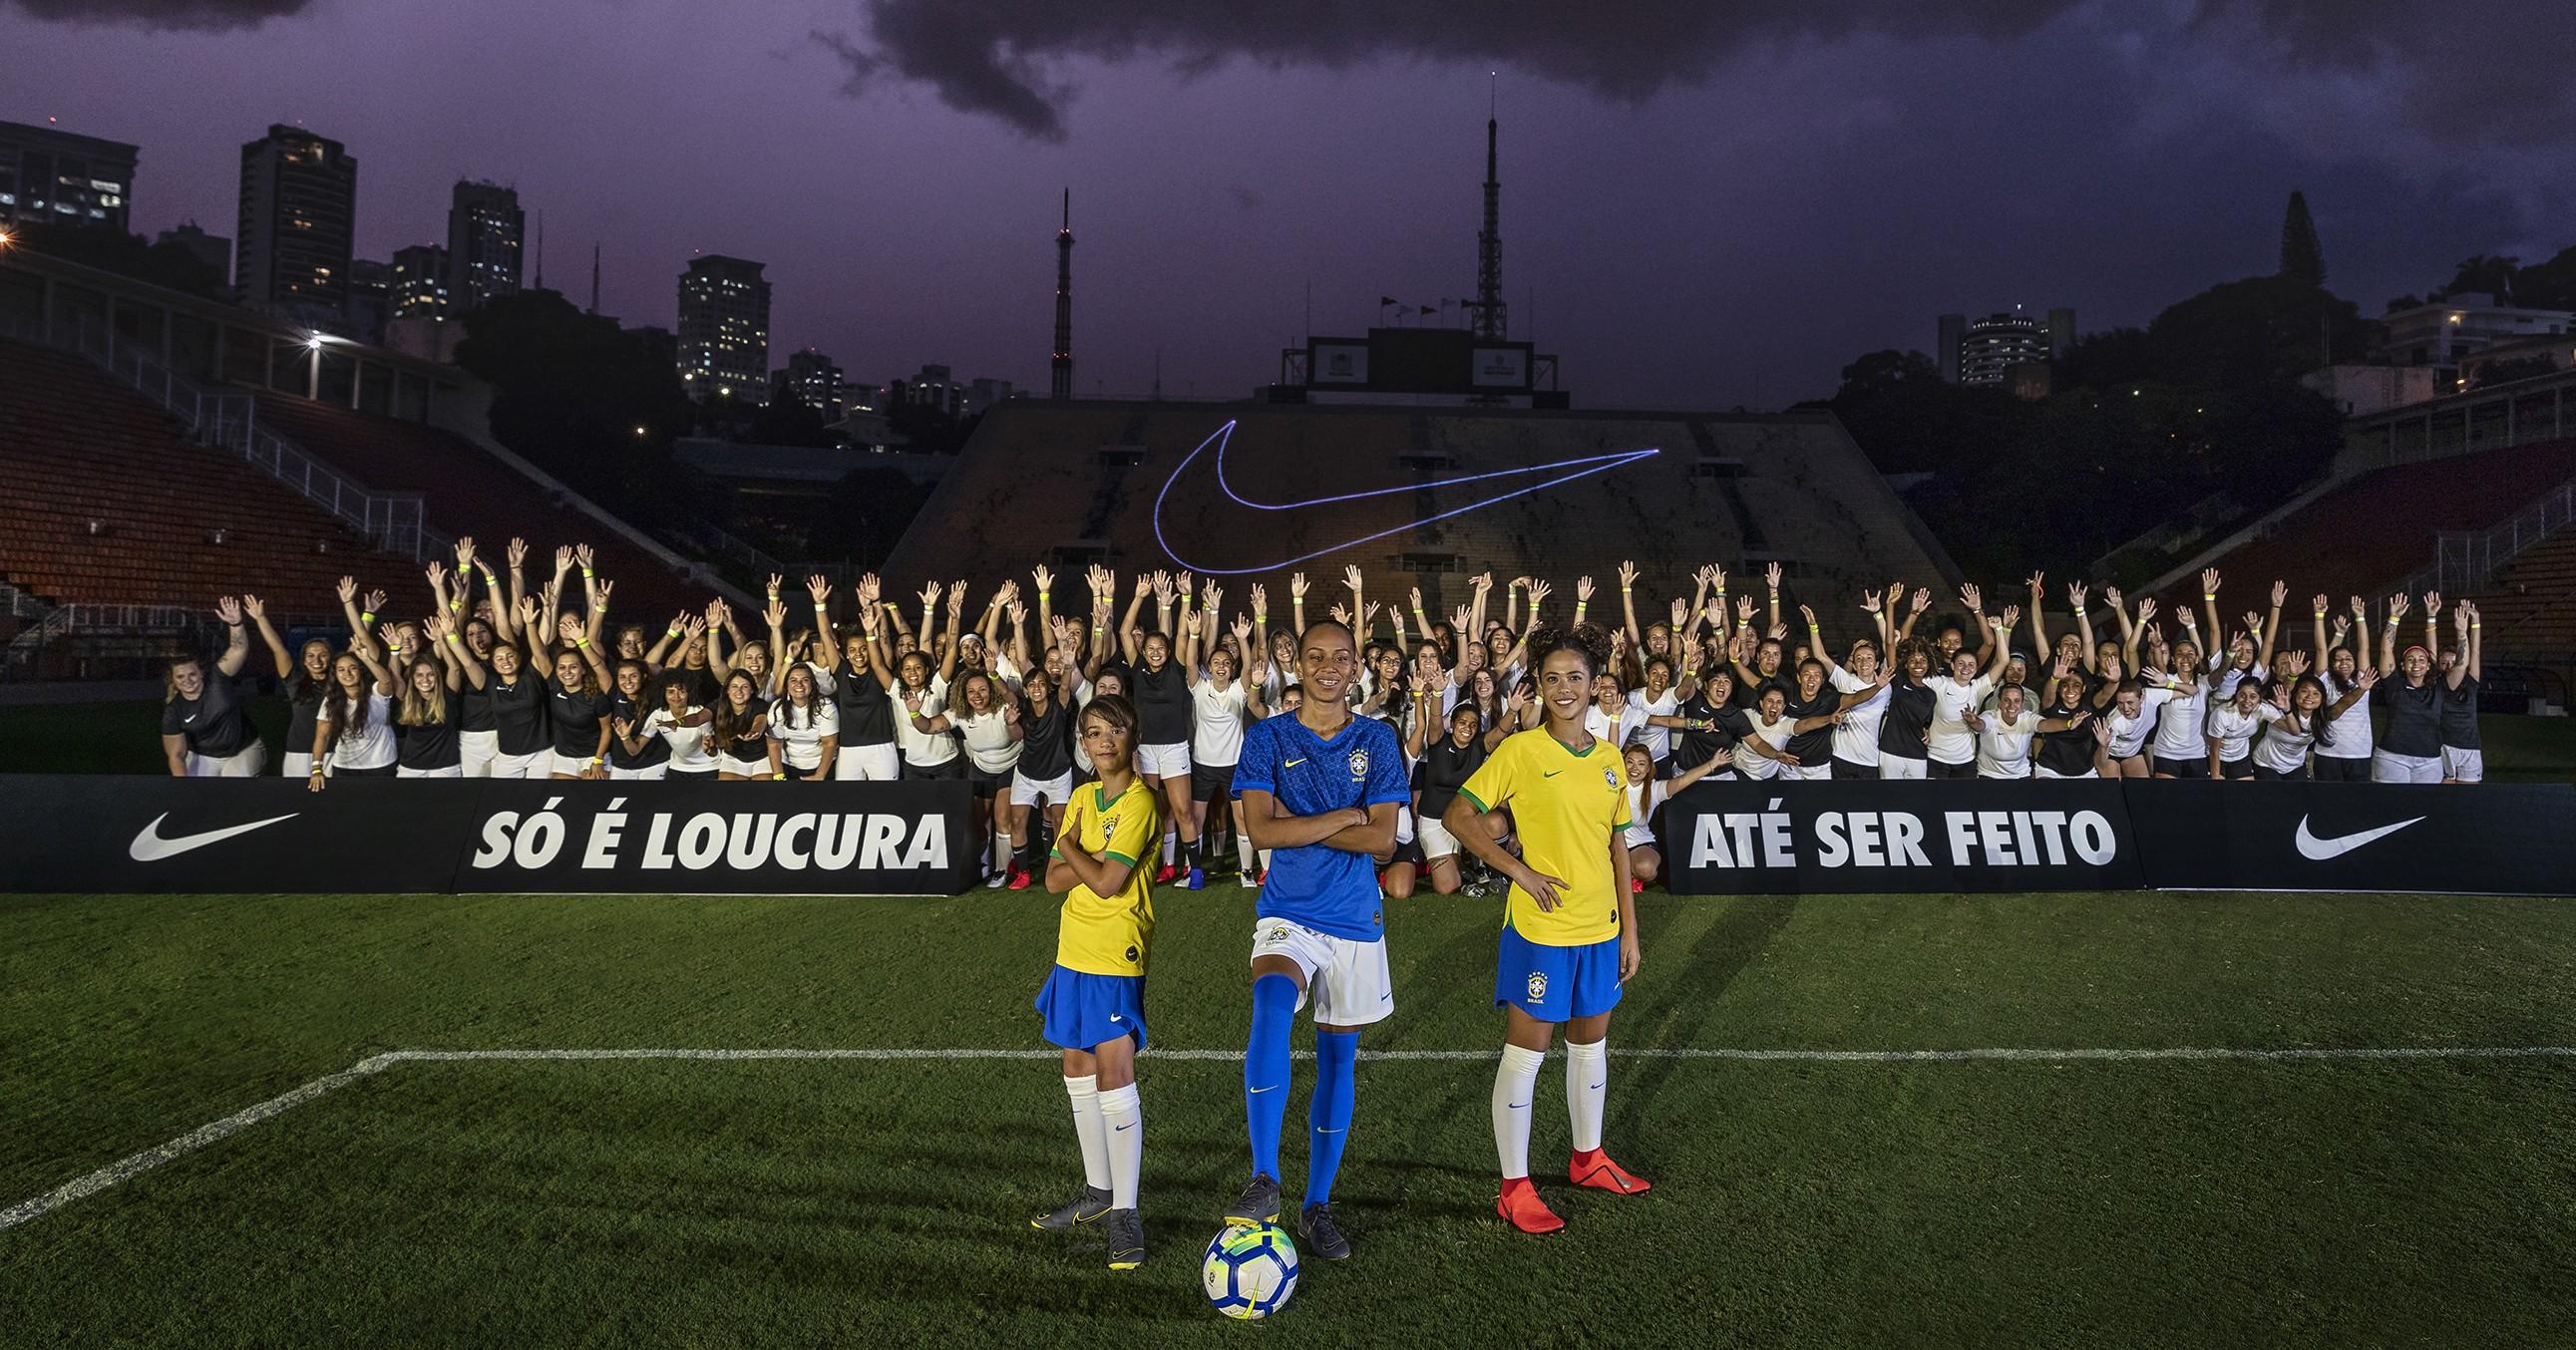 f4430fb30f17d Nike cria projeto para treinar meninas e desenvolver futebol feminino no  Brasil (Foto  Divulgação